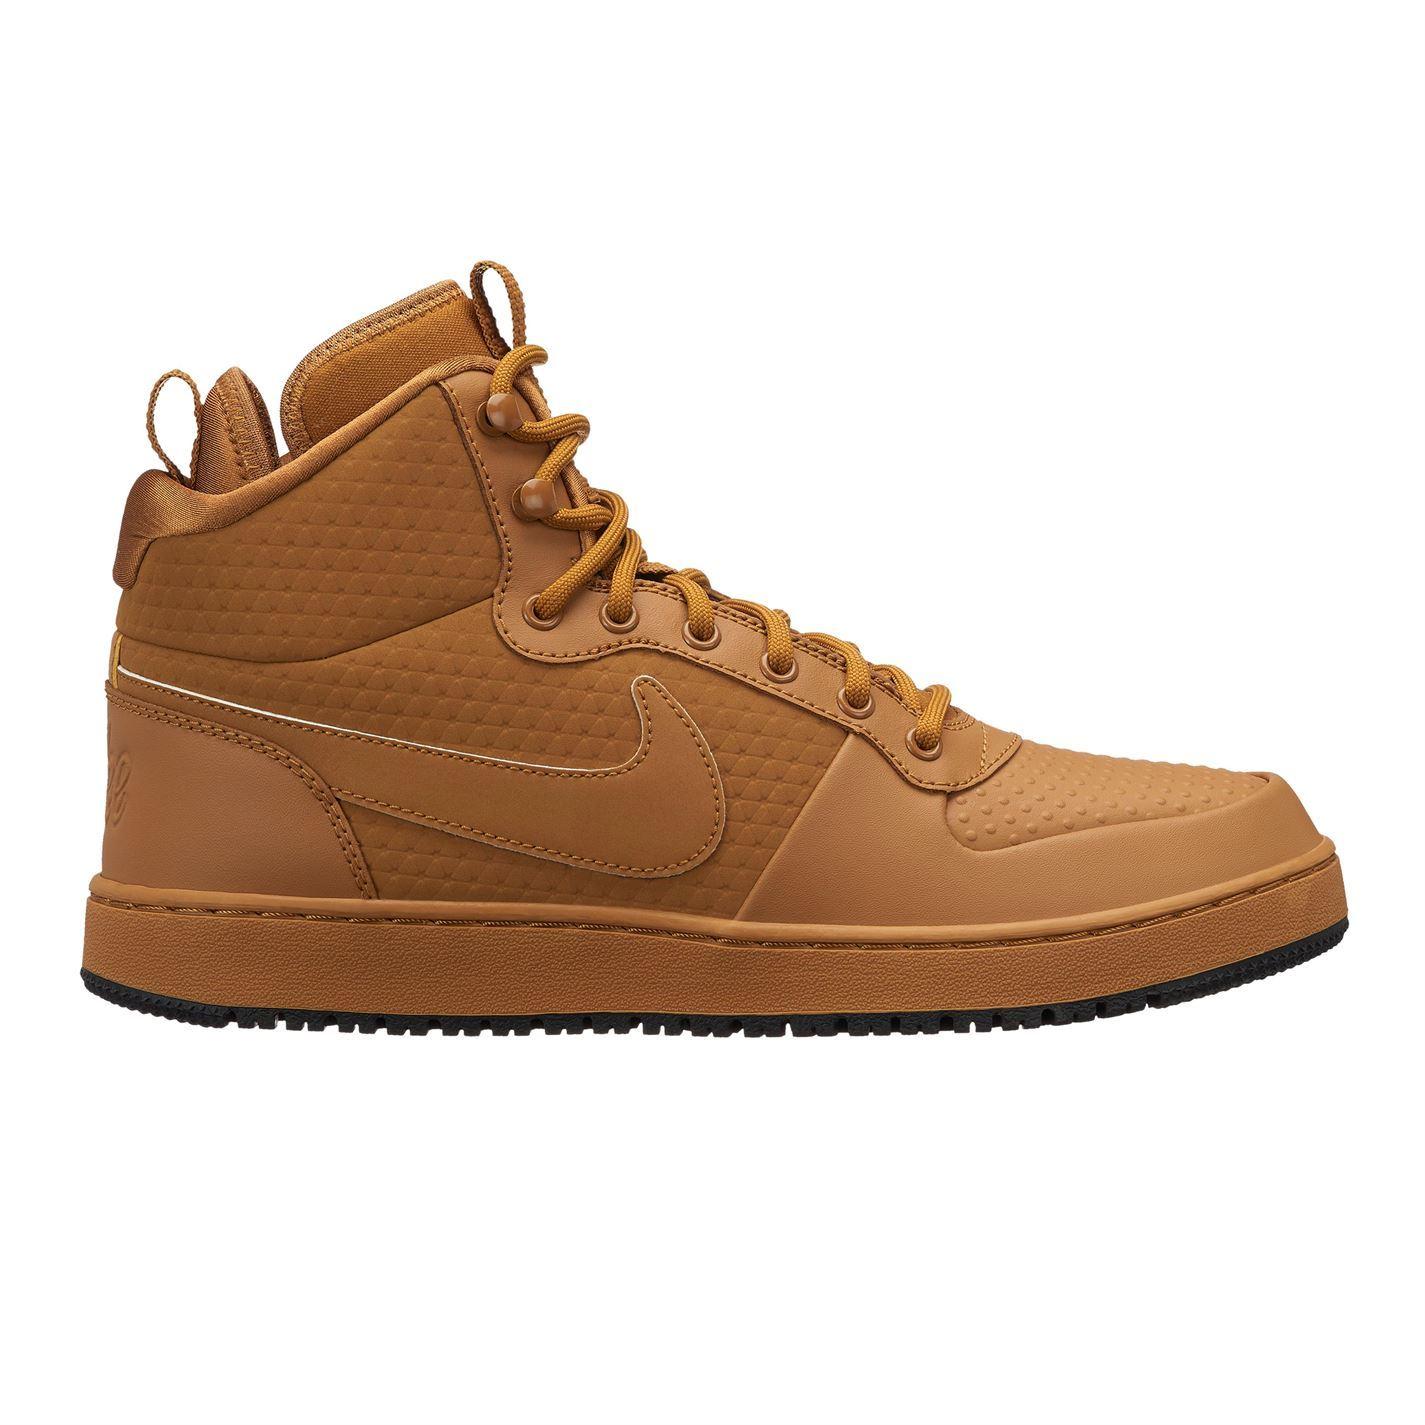 check-out cd2cb 80ca9 Détails sur Nike Ebernon mi Hiver Baskets Hommes Décontracté Chaussures  Chaussures Baskets